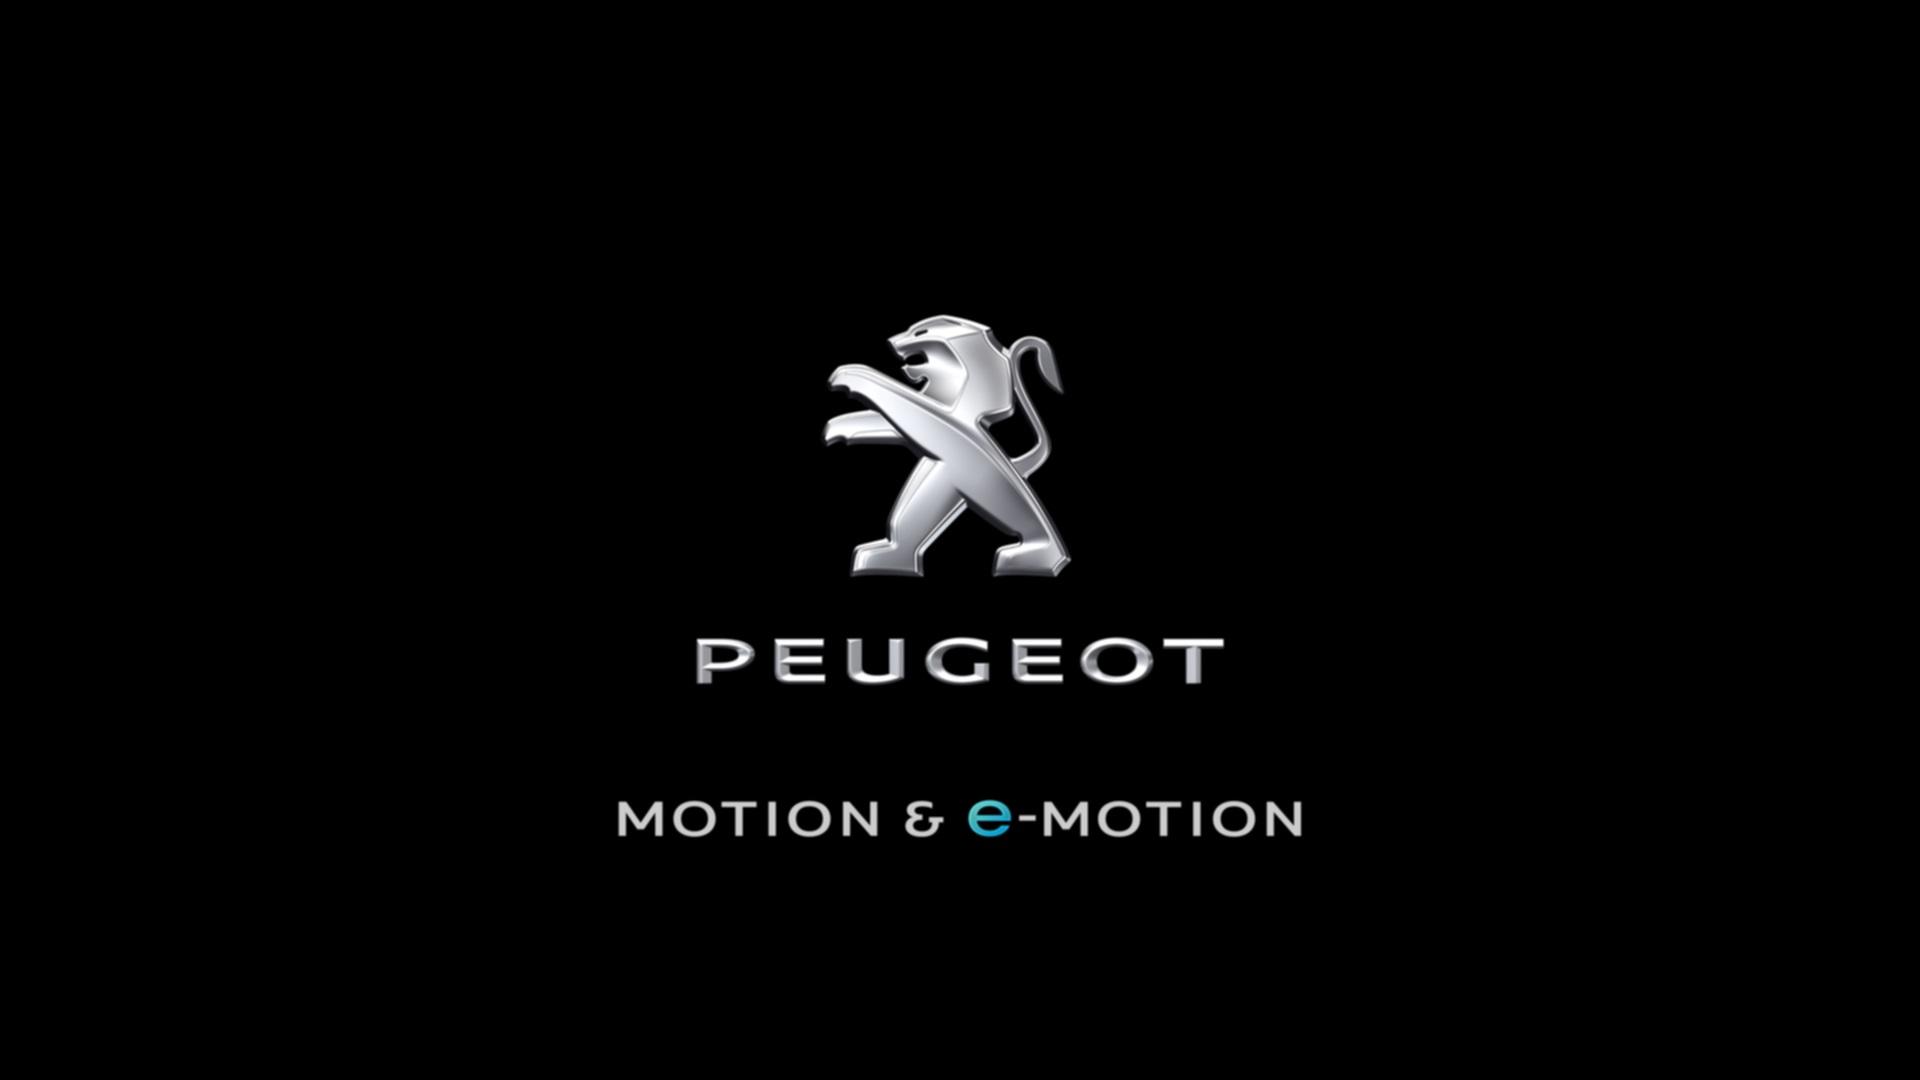 Peugeot заявила о электрификации бренда и озвучила новый слоган 1